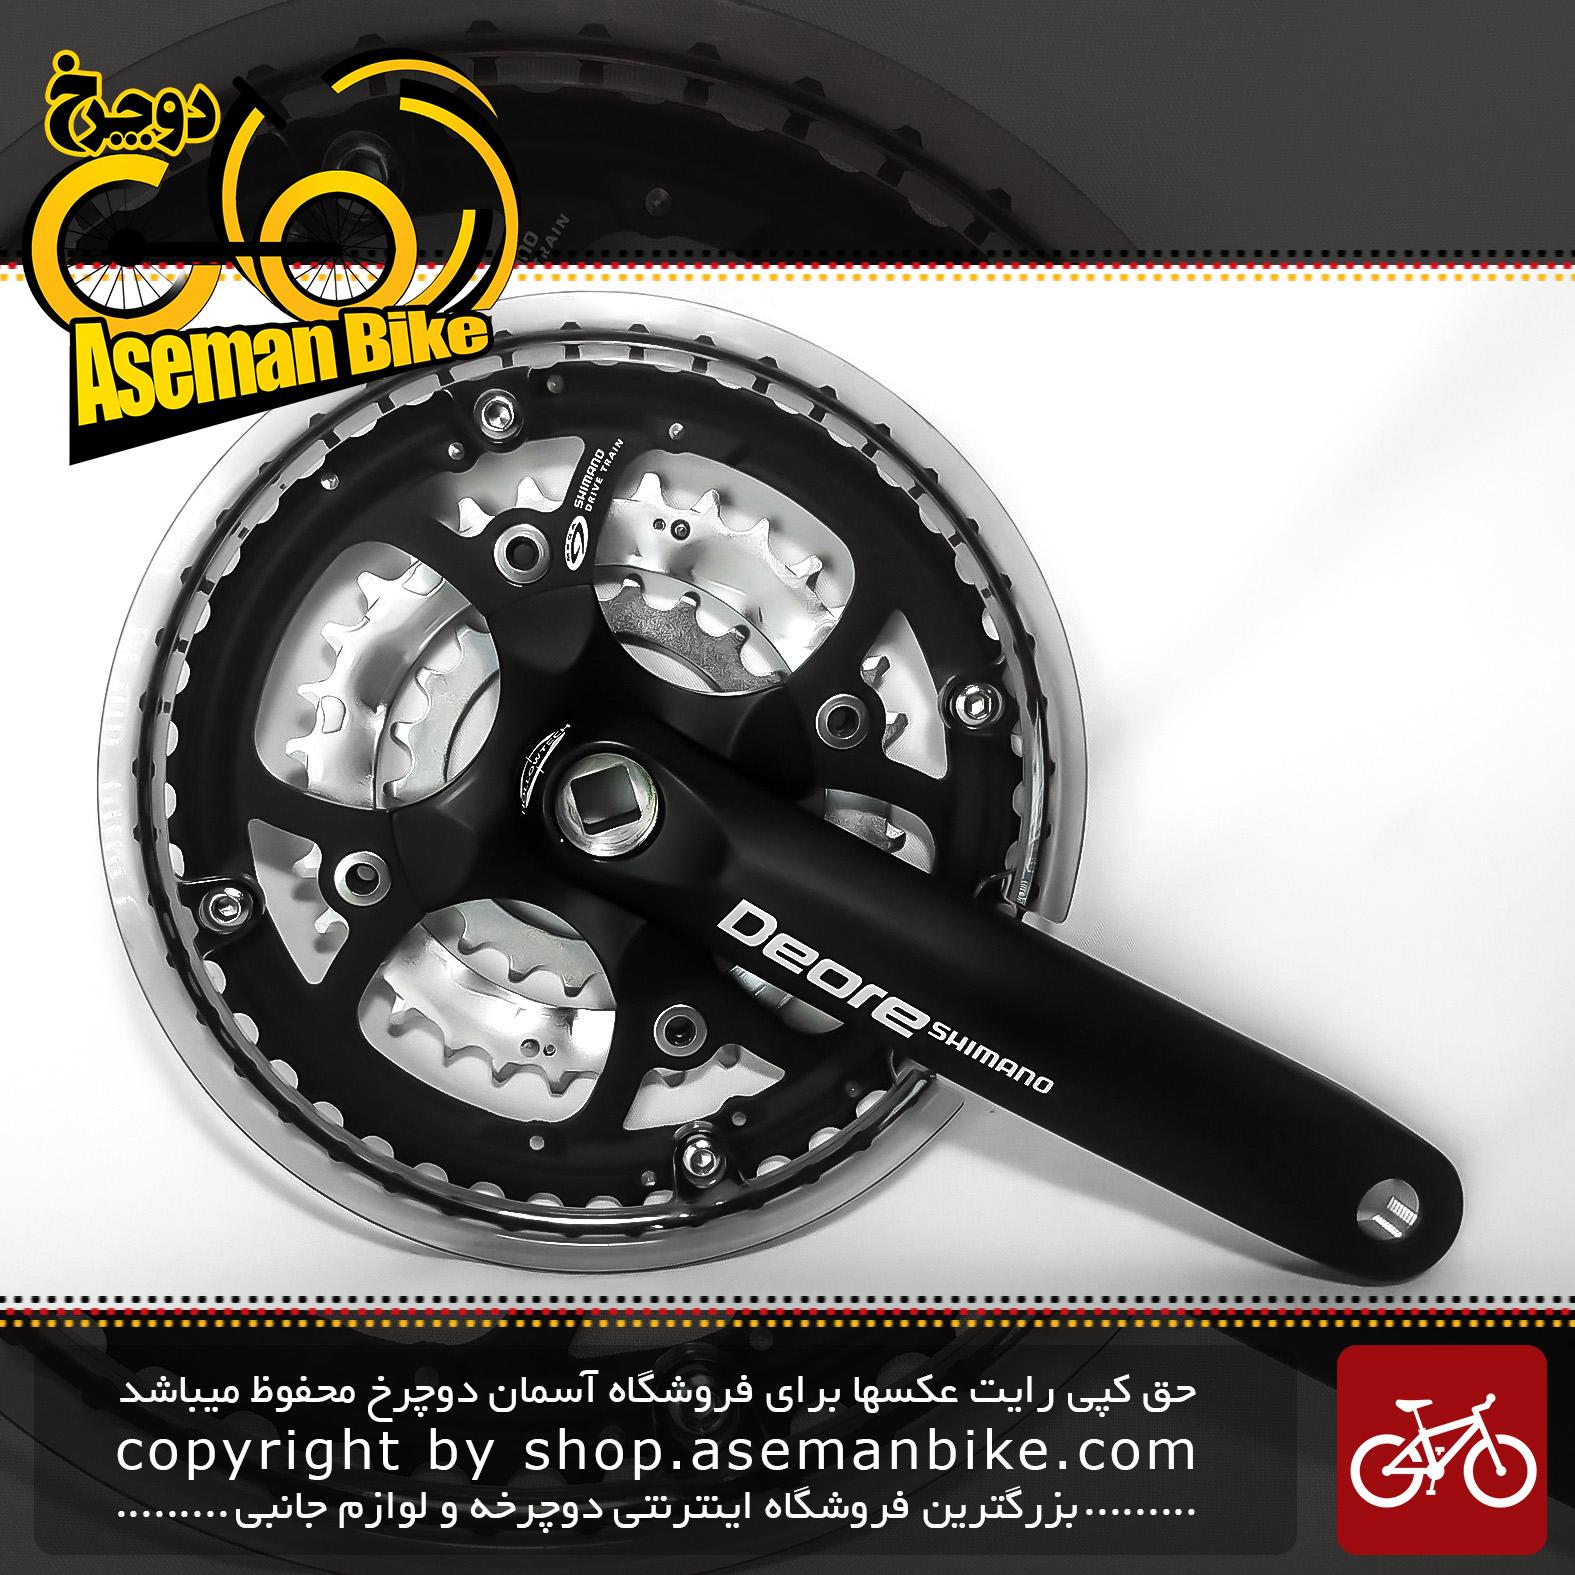 طبق قامه دوچرخه شیمانو مدل دیور اف سی – ام 510 44 و 32 و 22 دندانه Shimano Crankset Bicycle Deore FC-M510 44X32X22T